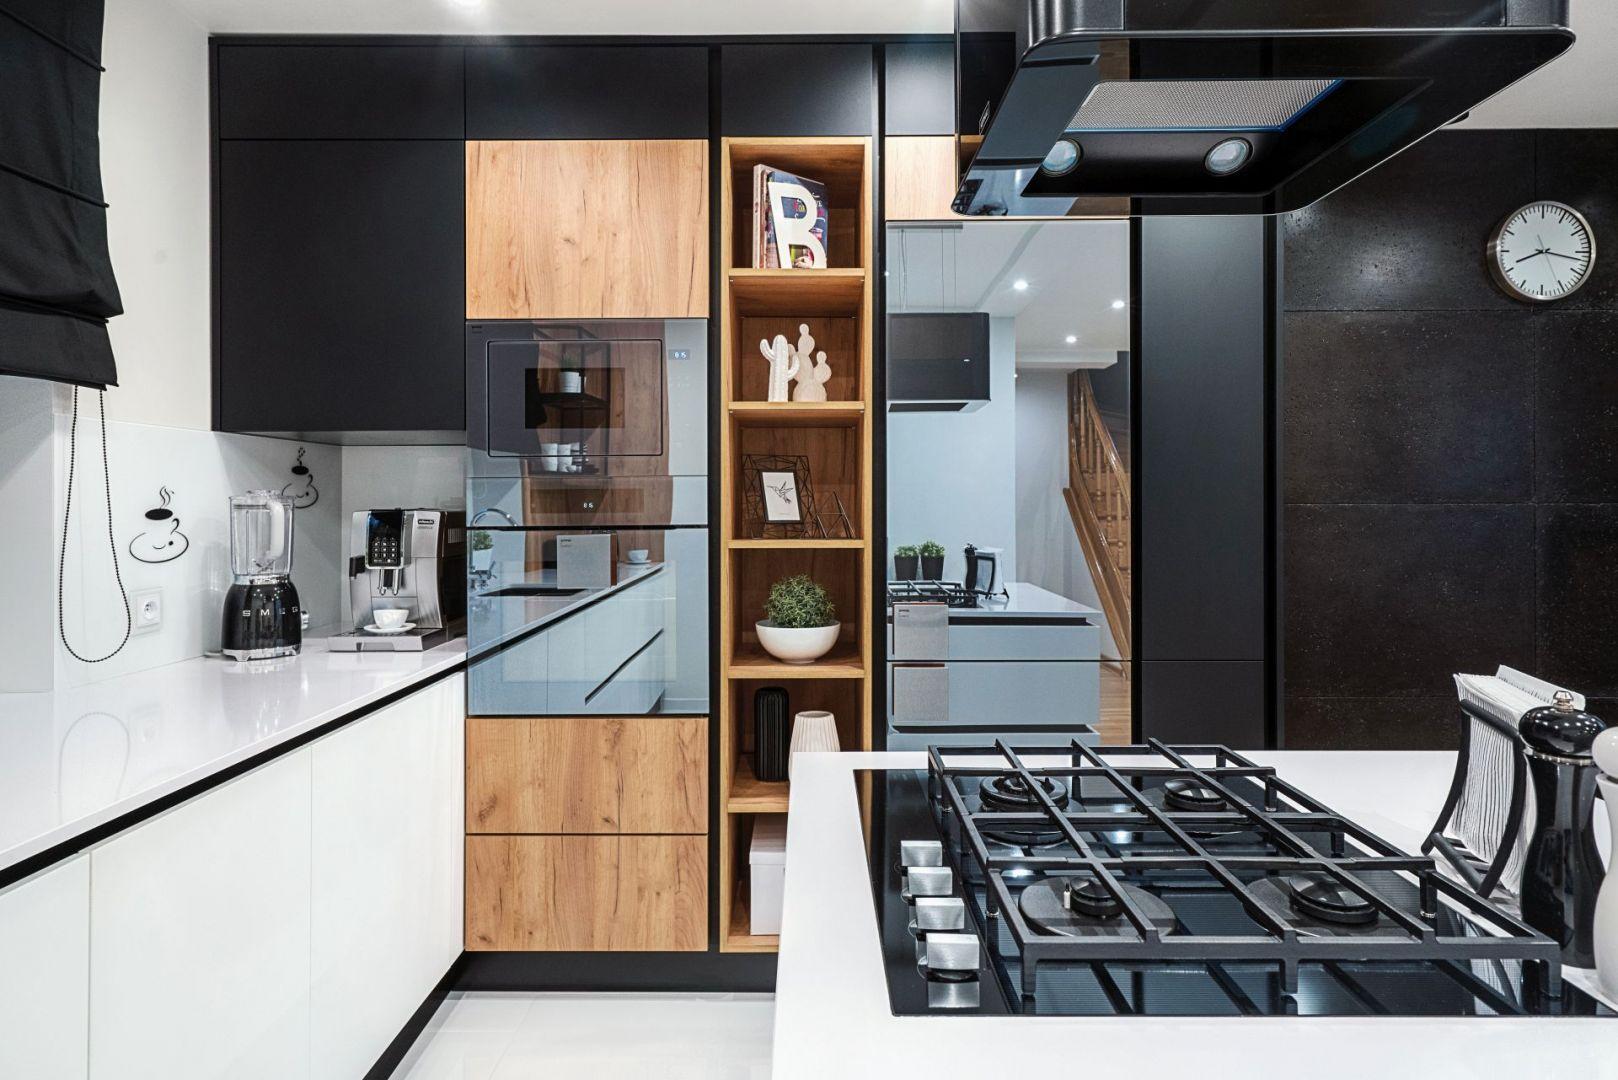 Studio Mebli Kuchennych Max Kuchnie Chome Świdnica. Realizacja kuchni zgłoszona do konkursu Kuchnia-Studio Roku 2020 na najlepsze realizacje wykonane przez studia kuchenne.